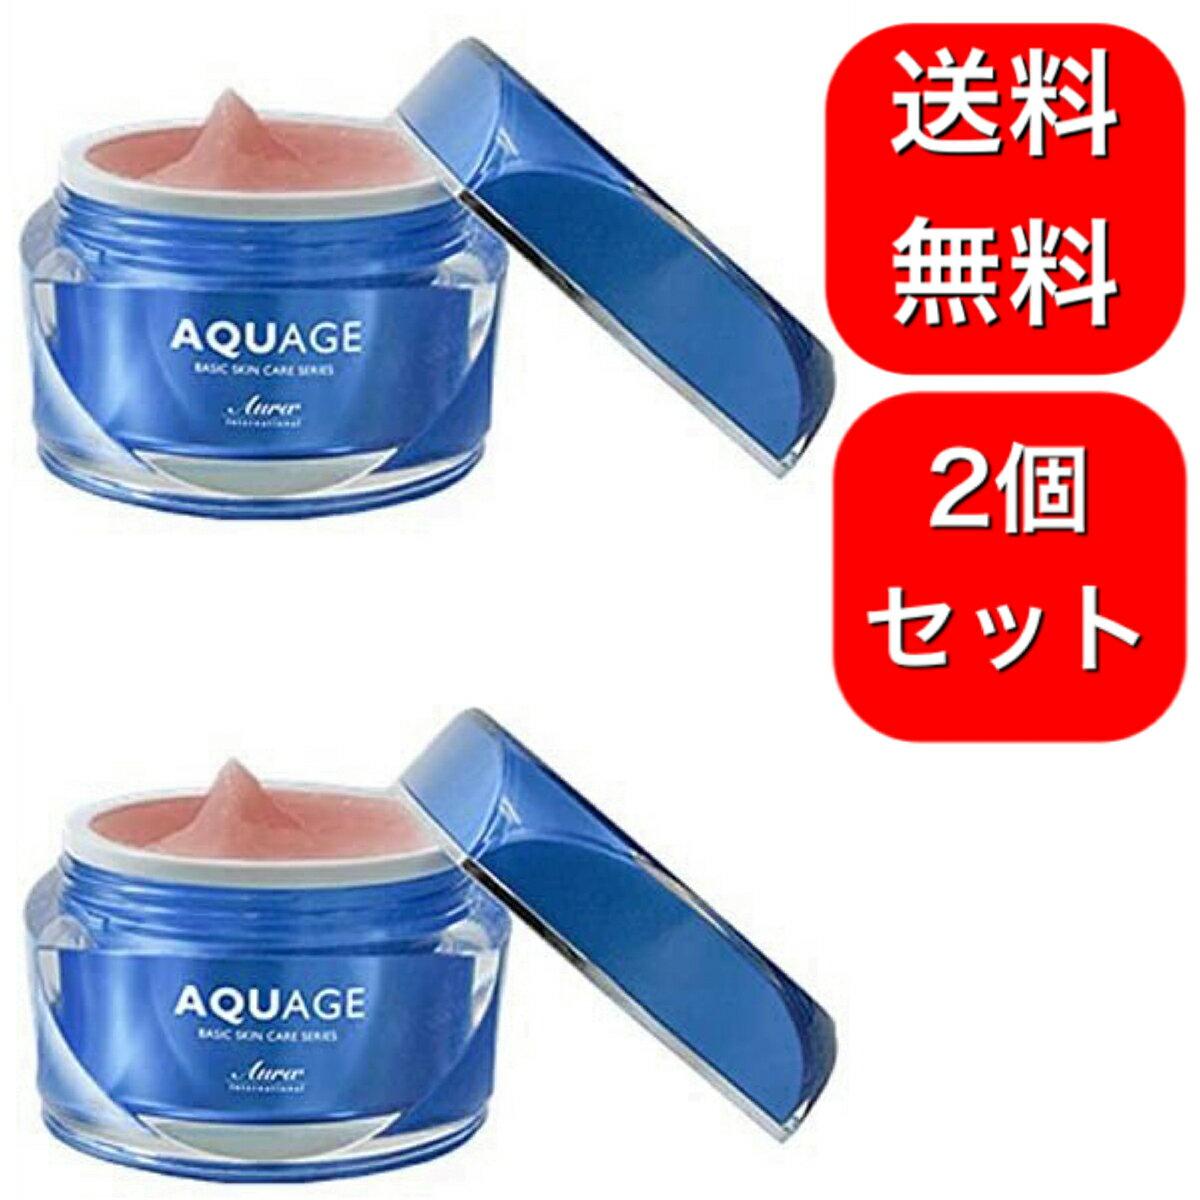 化粧品 アウラ インターナショナル 【楽天市場】アウラインターナショナル Aura